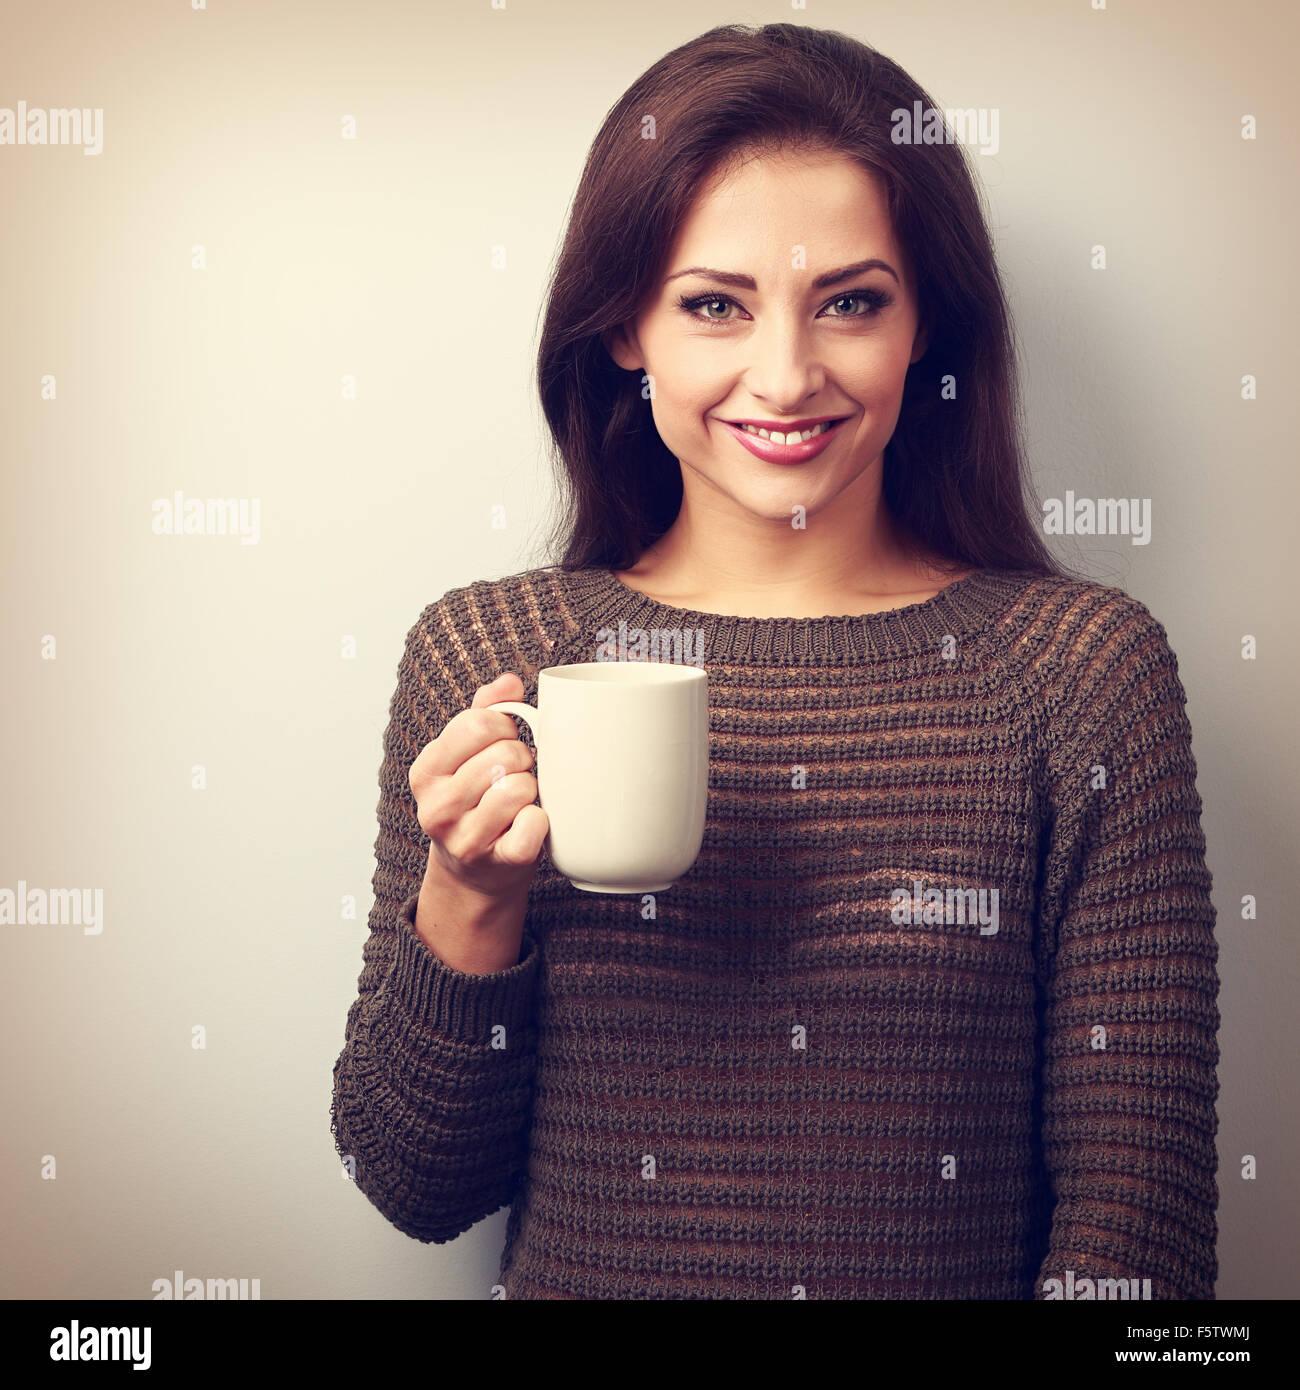 Lässige junge Frau mit Tasse Tee suchen glücklich lächelnd. Vintage Porträt Stockbild